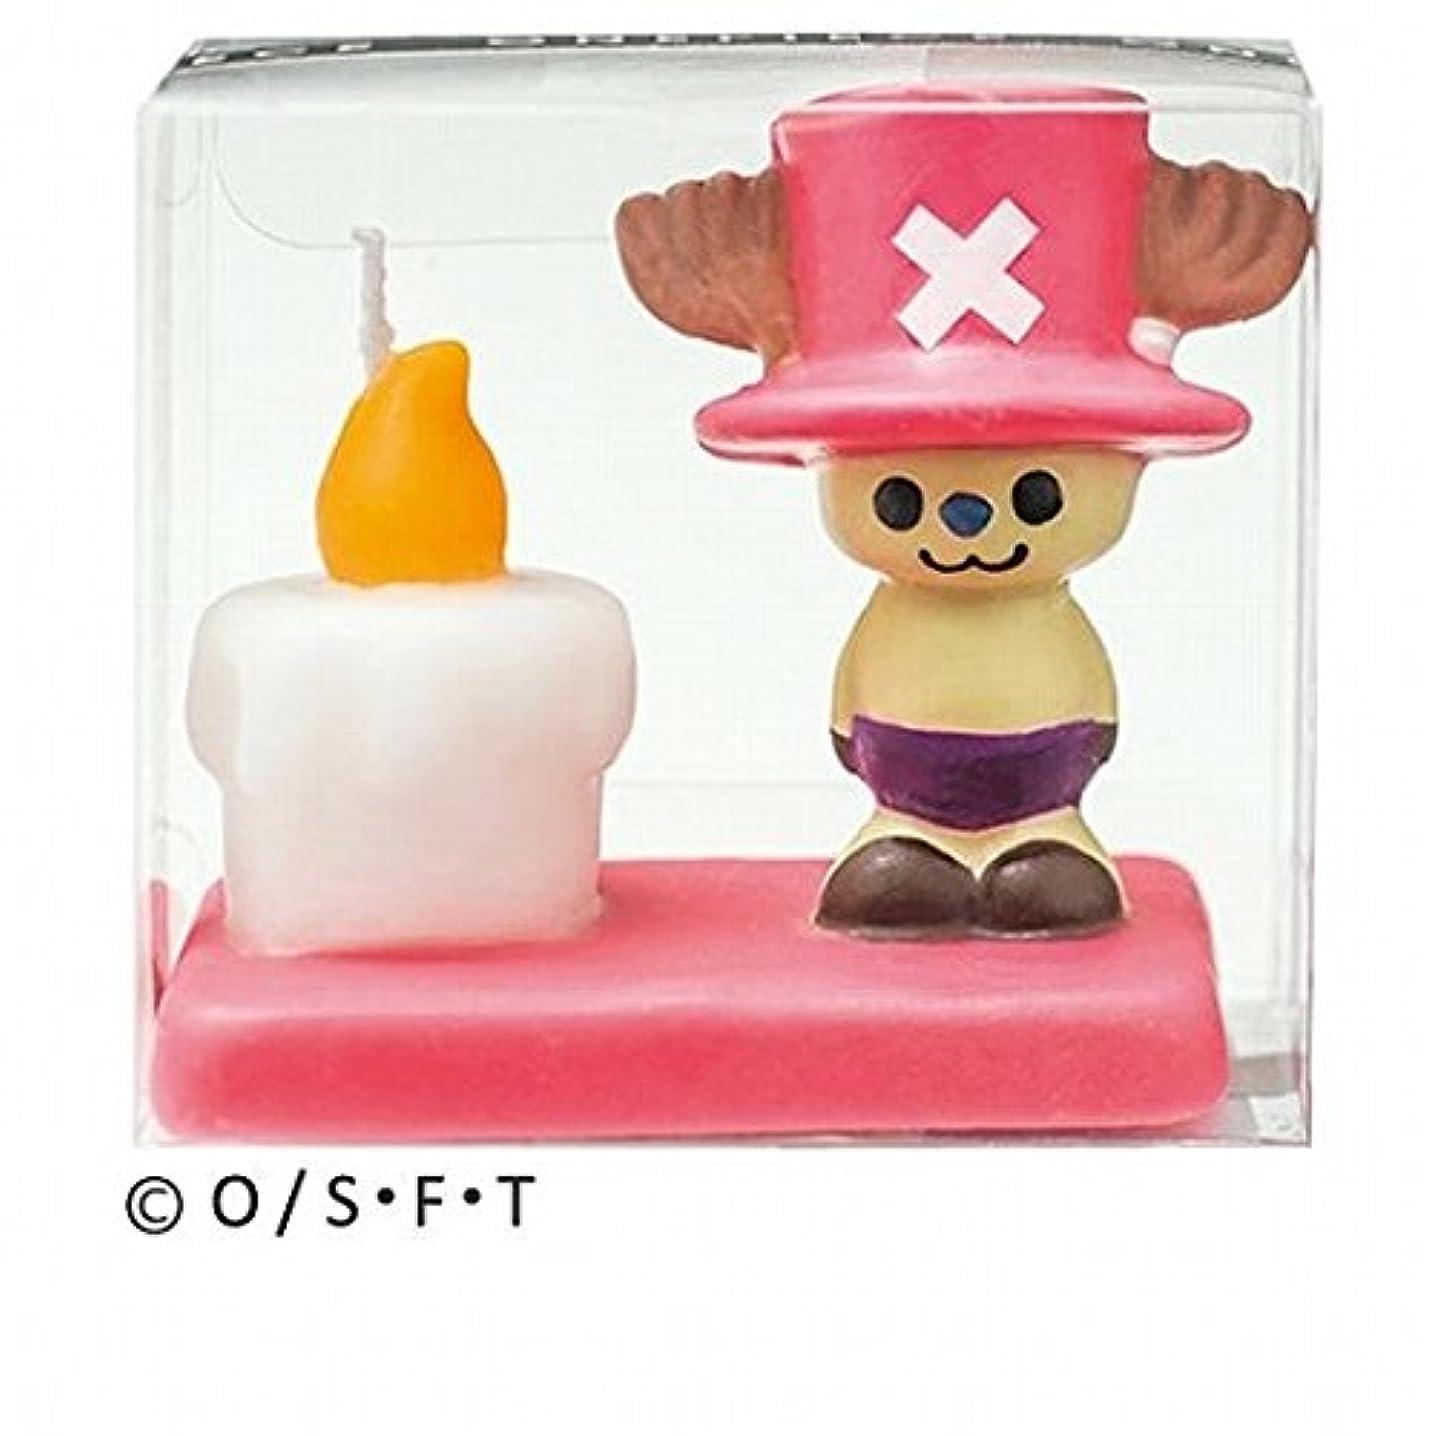 絶滅したスノーケル長椅子kameyama candle(カメヤマキャンドル) チョッパーキャンドル(56220010)